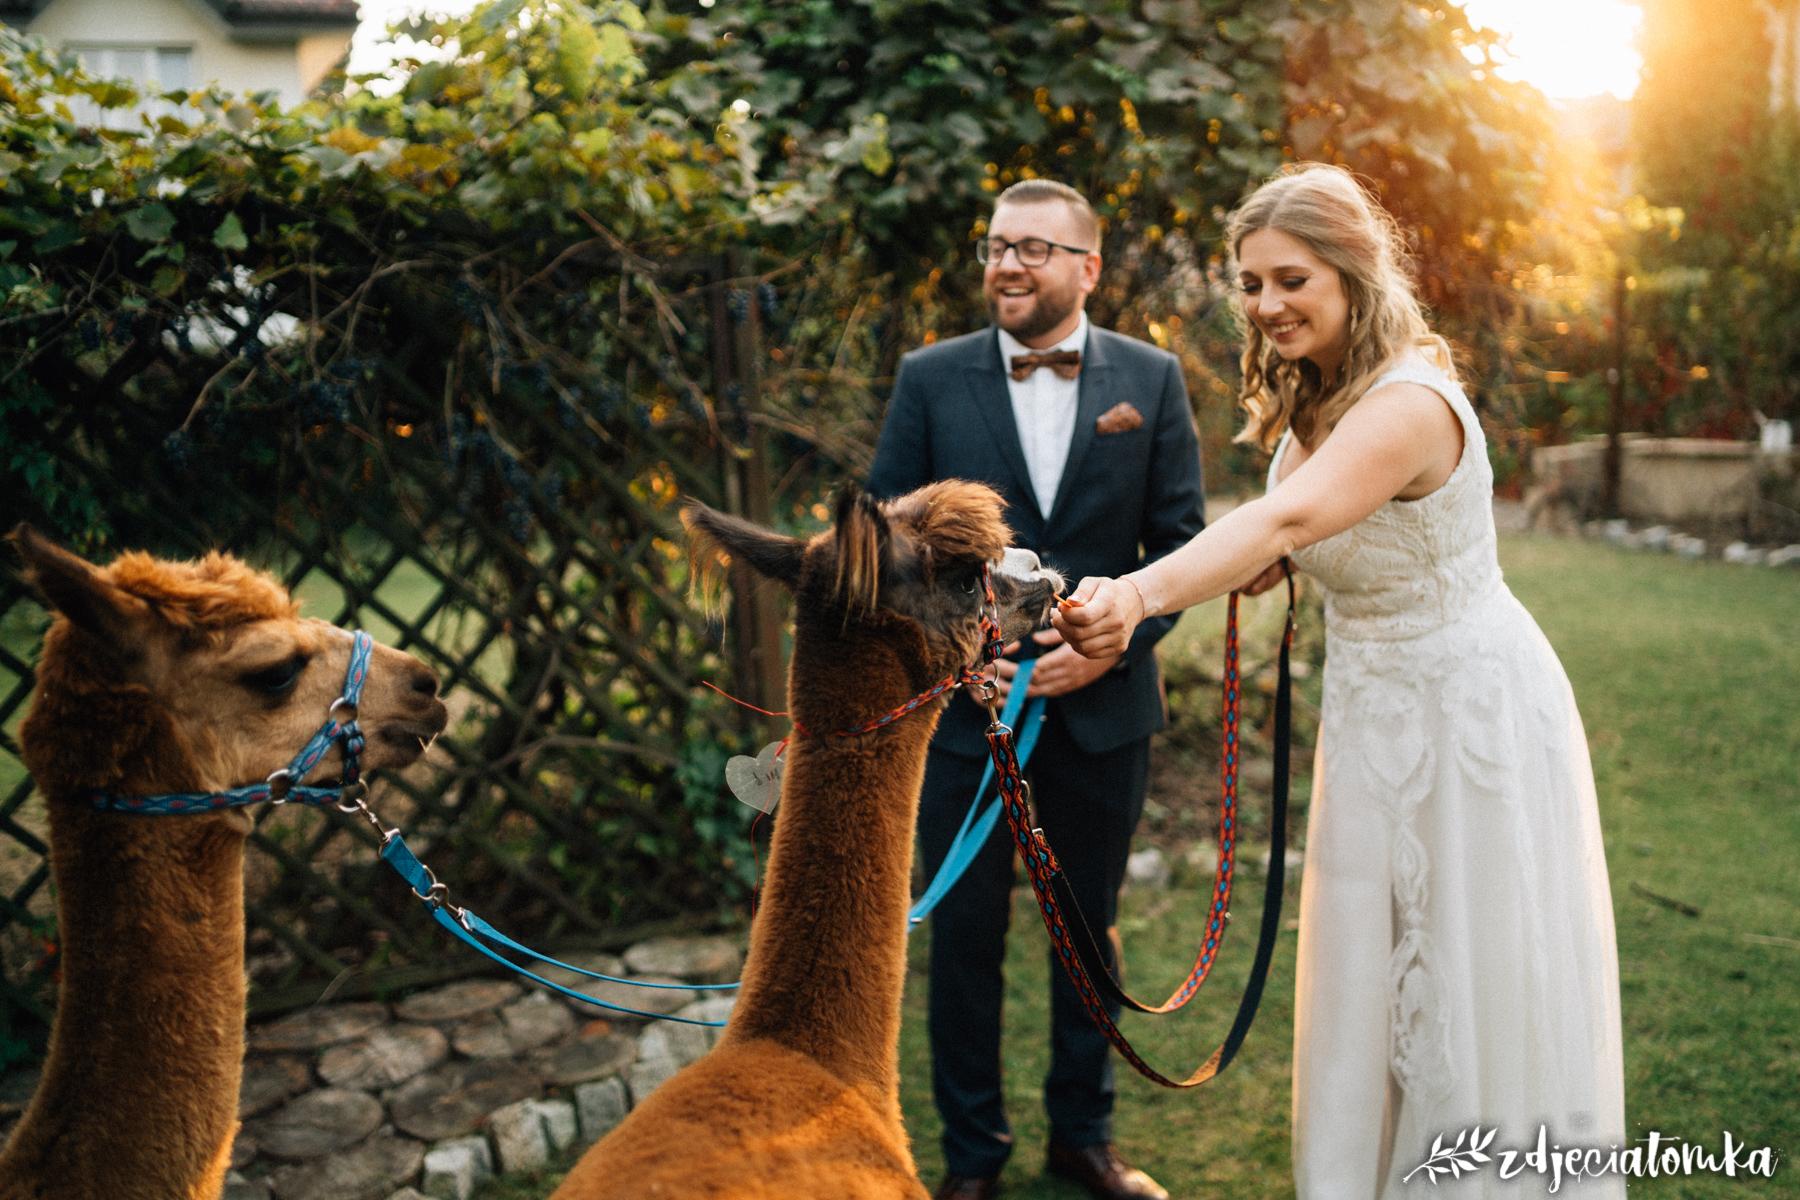 alpaki corazon łomianki pan młody panna młoda sesja plenerowa poślubna zachód słońca golden hour złota godzina bajeczna sesja ślubna z alpakami